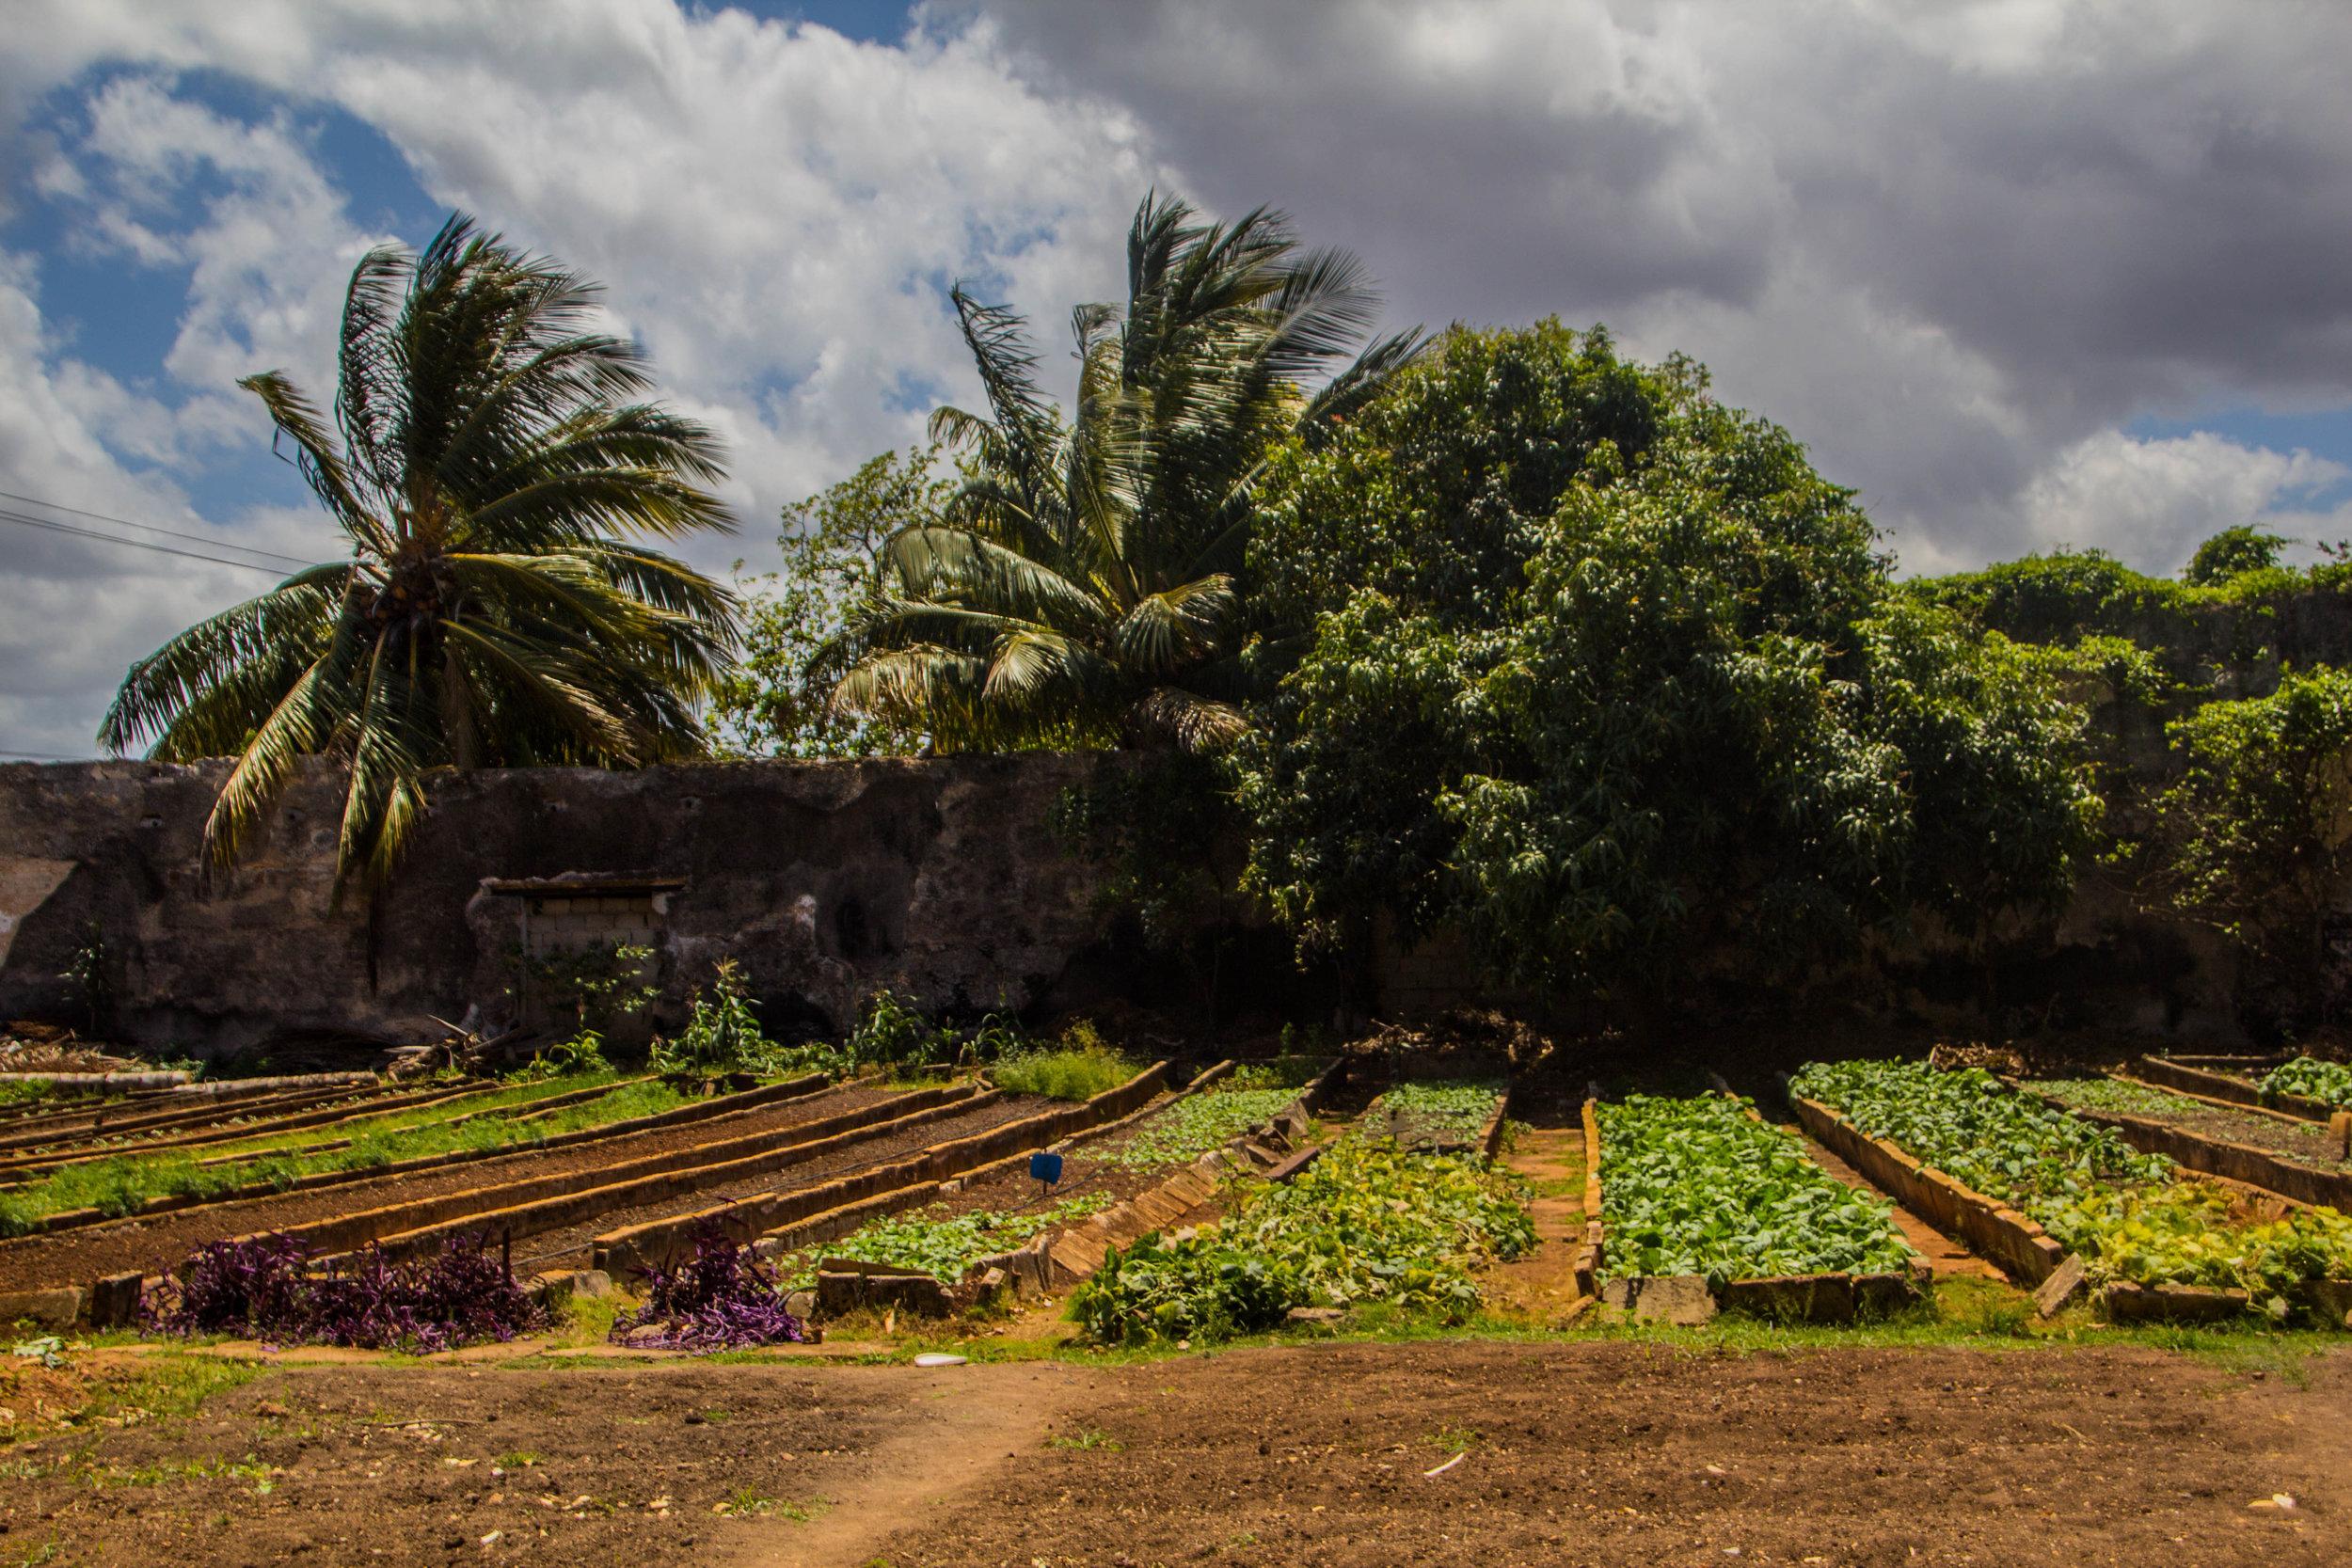 matanzas cuba urban farm-1-2.jpg